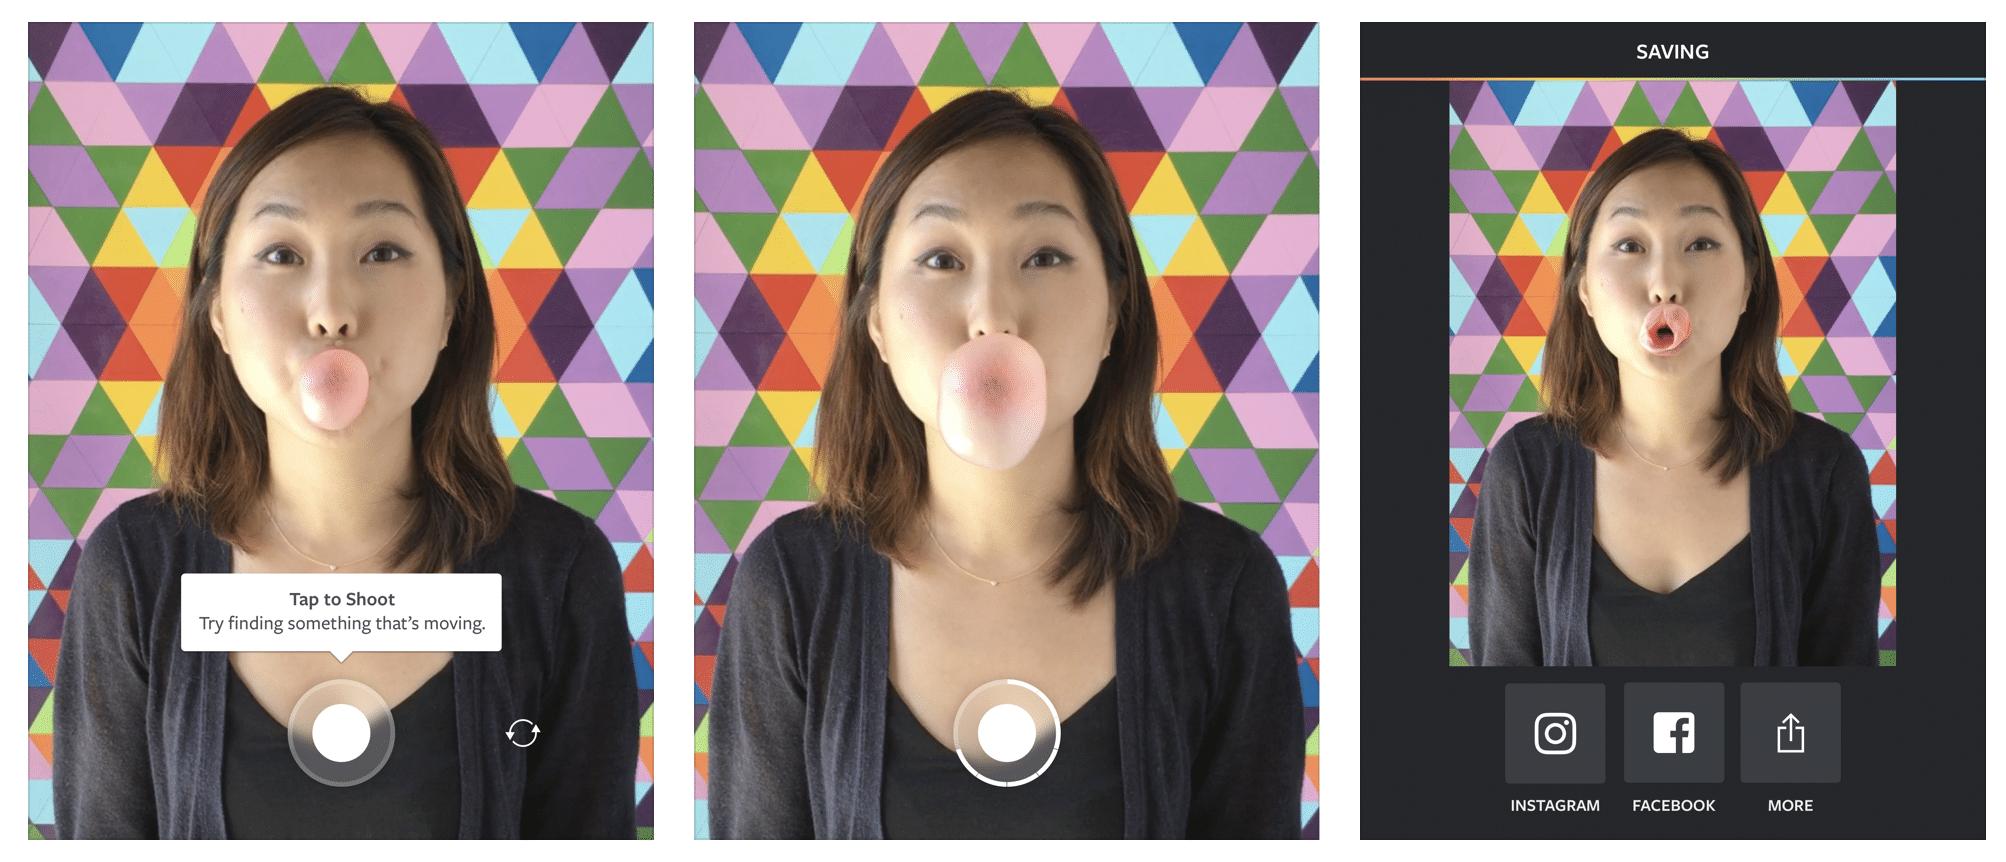 Aplicaciones de Instagram: Boomerang